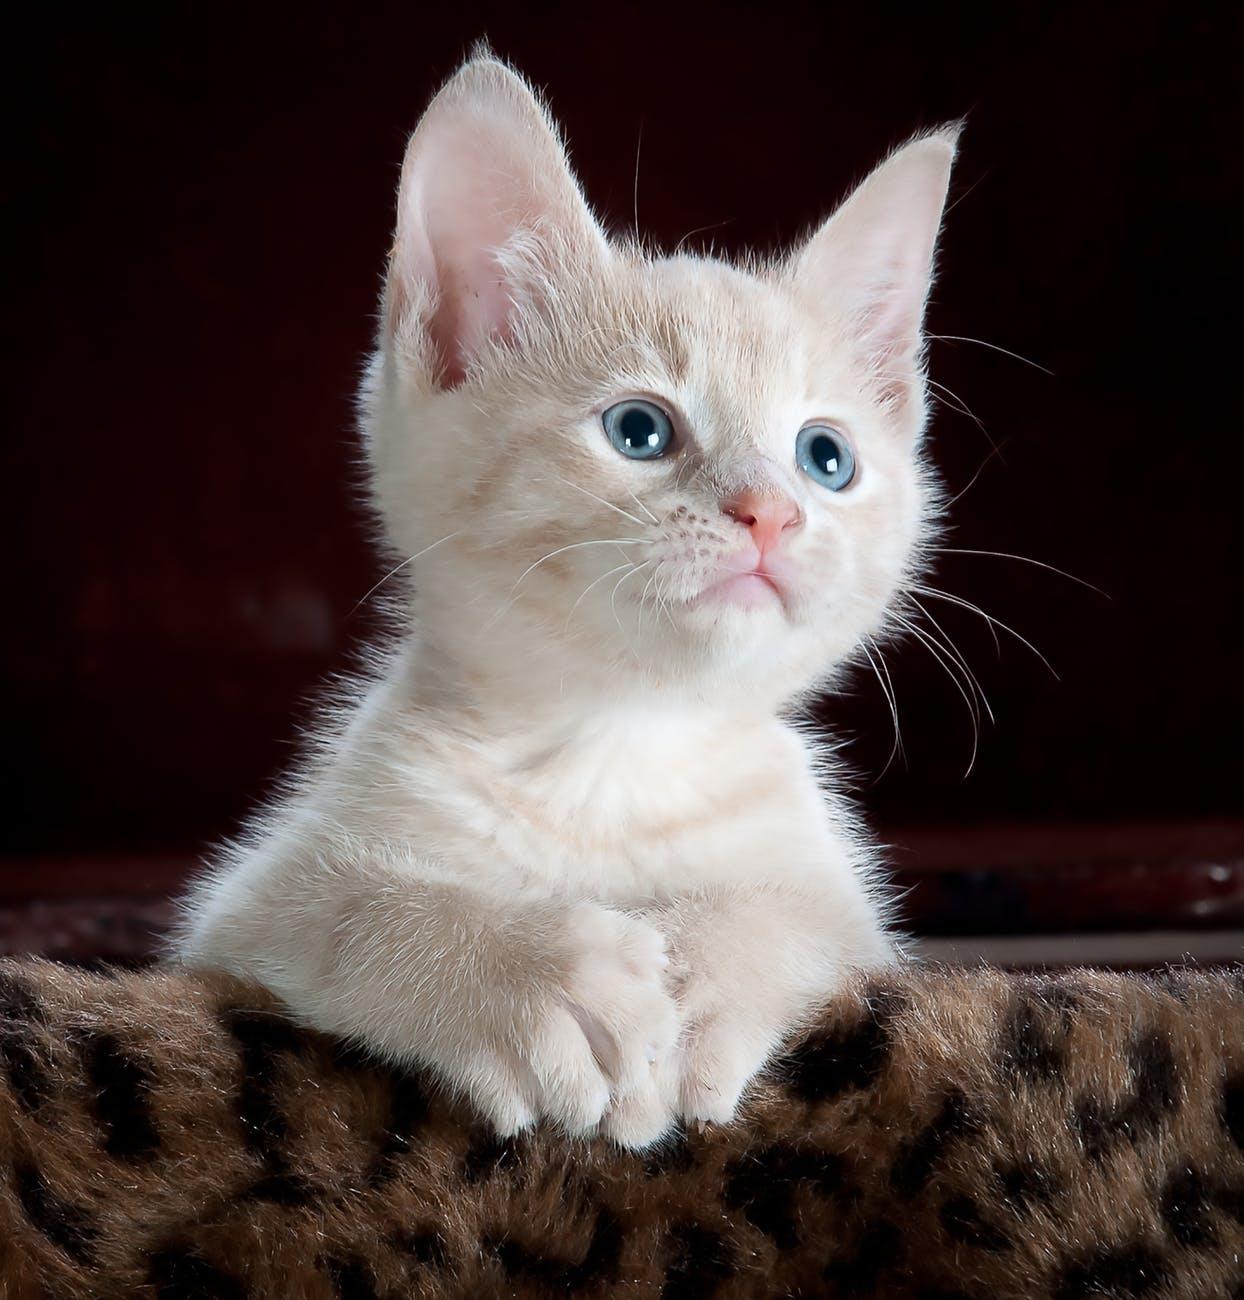 Έρευνα: Οι γάτες μπορεί να μολυνθούν και να μεταδώσουν τονκορωνοϊό